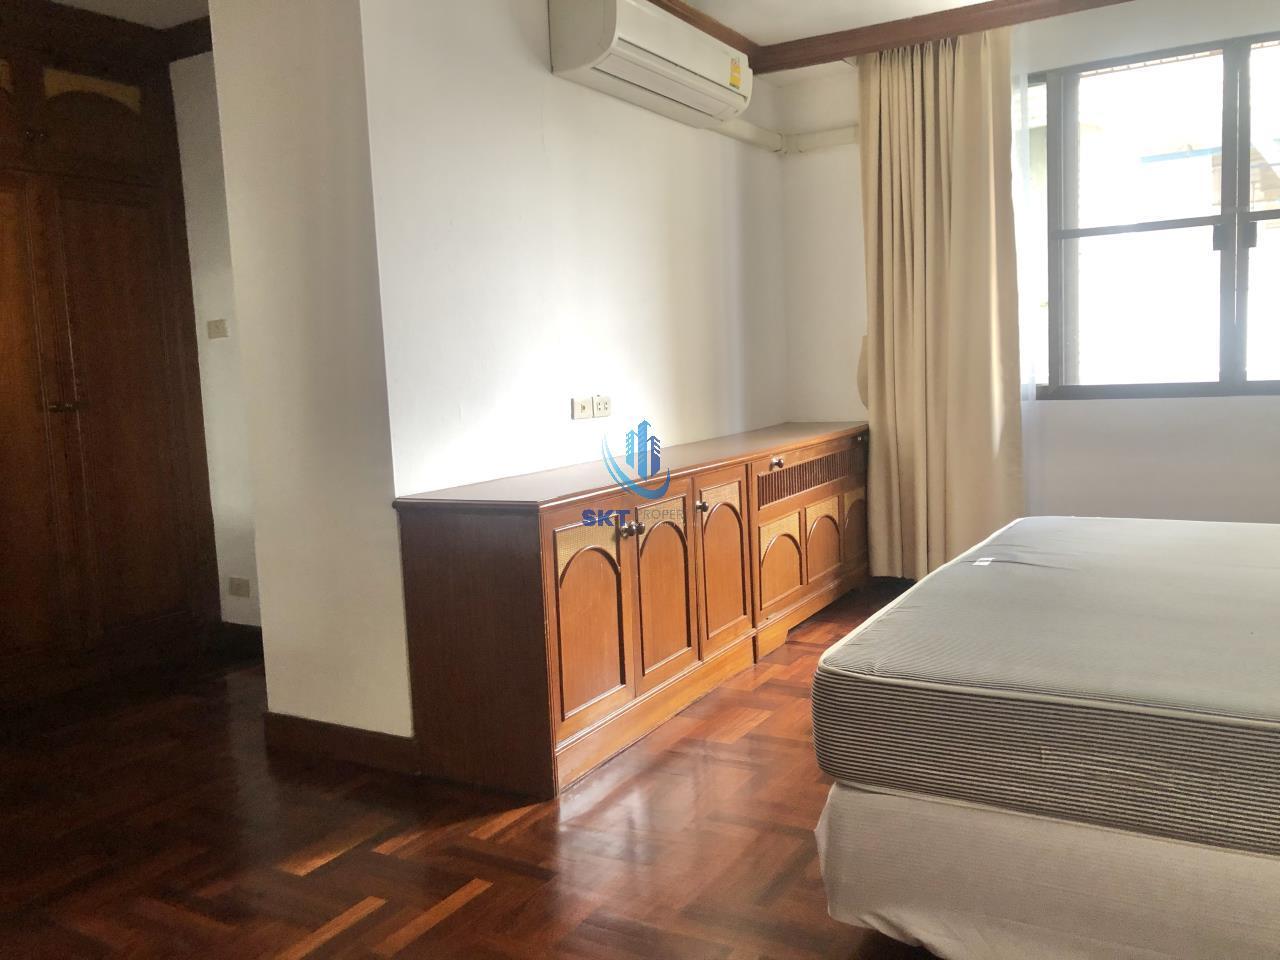 Sukritta Property Agency's Sethiwan Palace - Sukhumvit soi 4 - Bts Nana 9